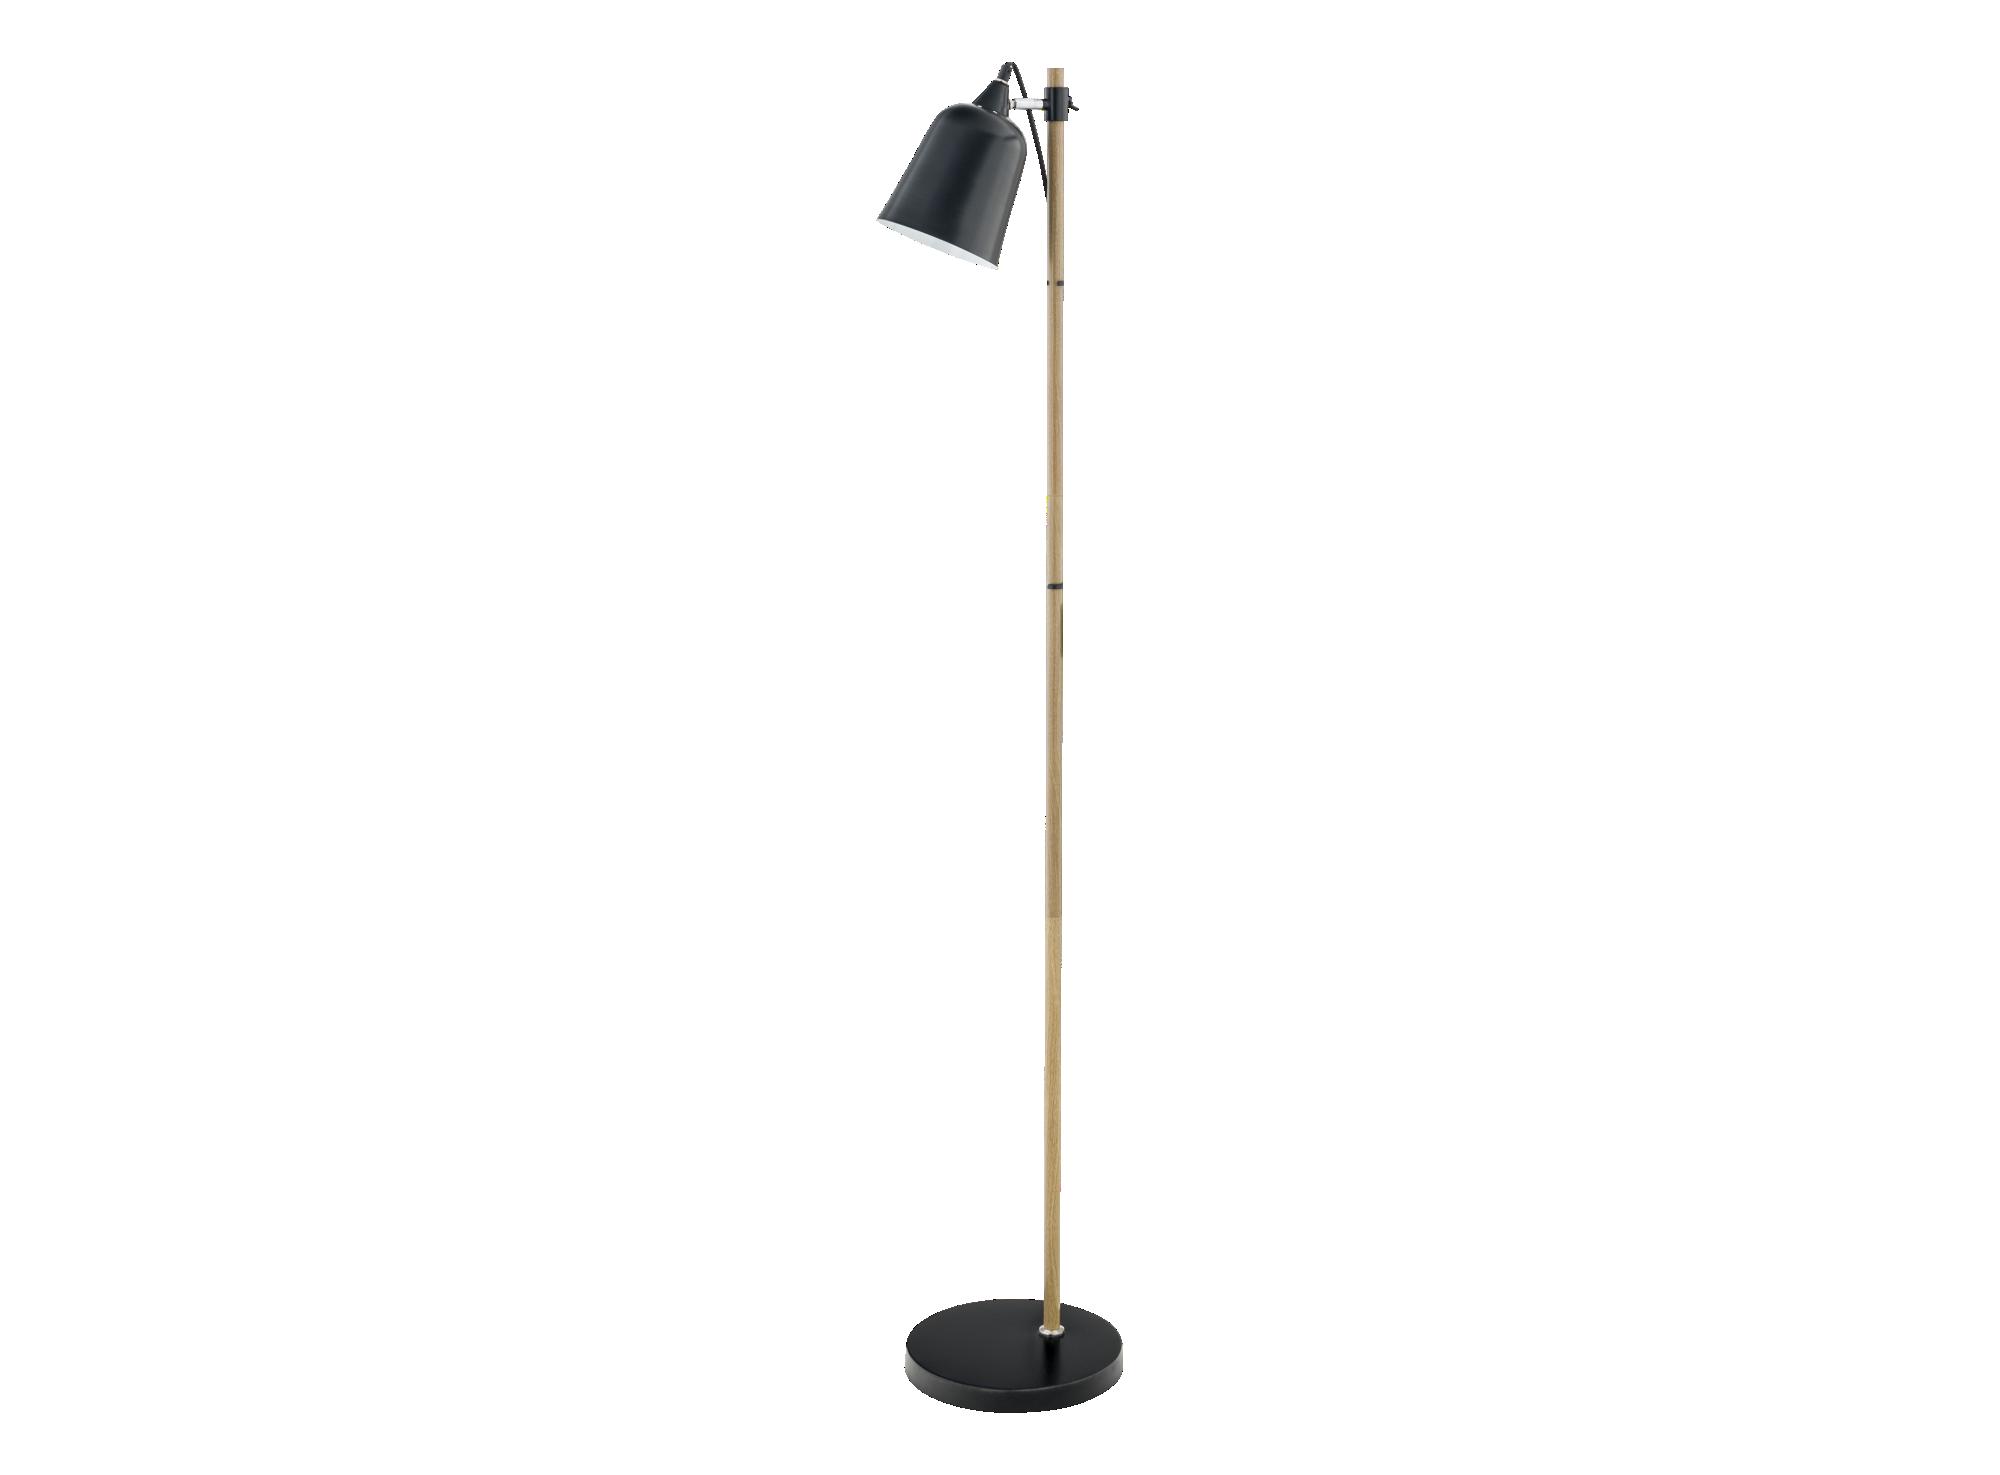 Lampadaire hauteur 149cm diametre 15cm abat-jour et socle en acier fi ...